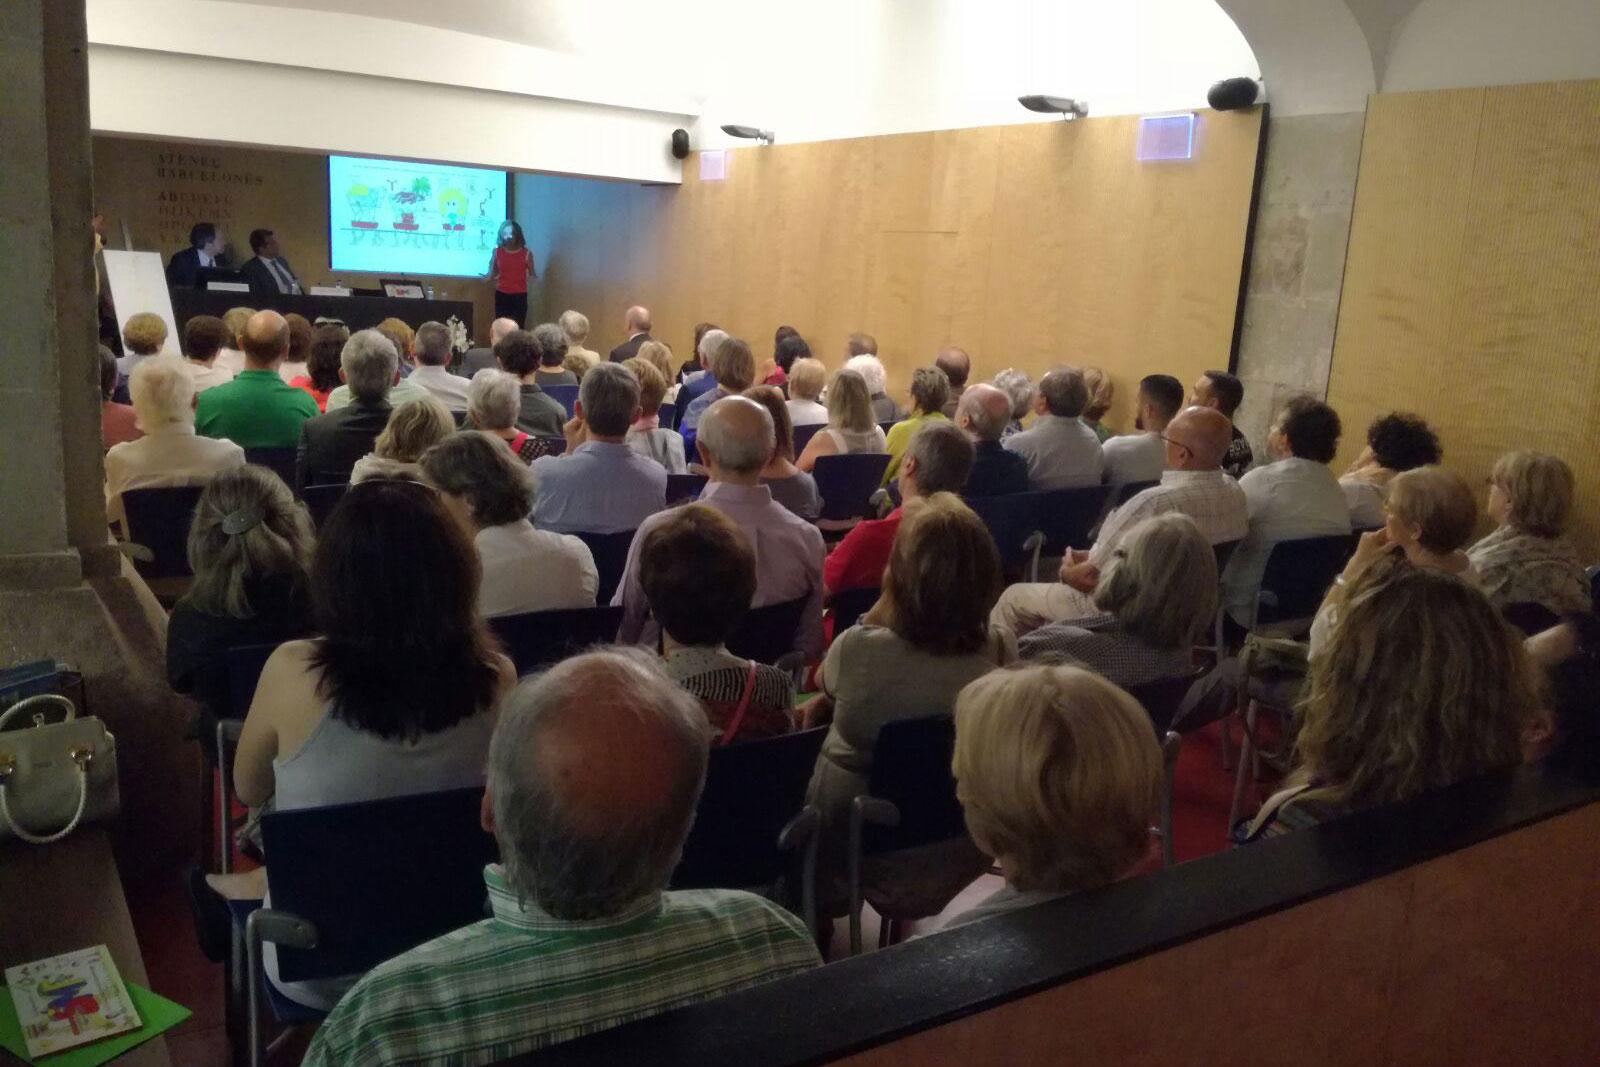 Presentació a l'Ateneu Barcelonès - Juny 2017 (foto 3)